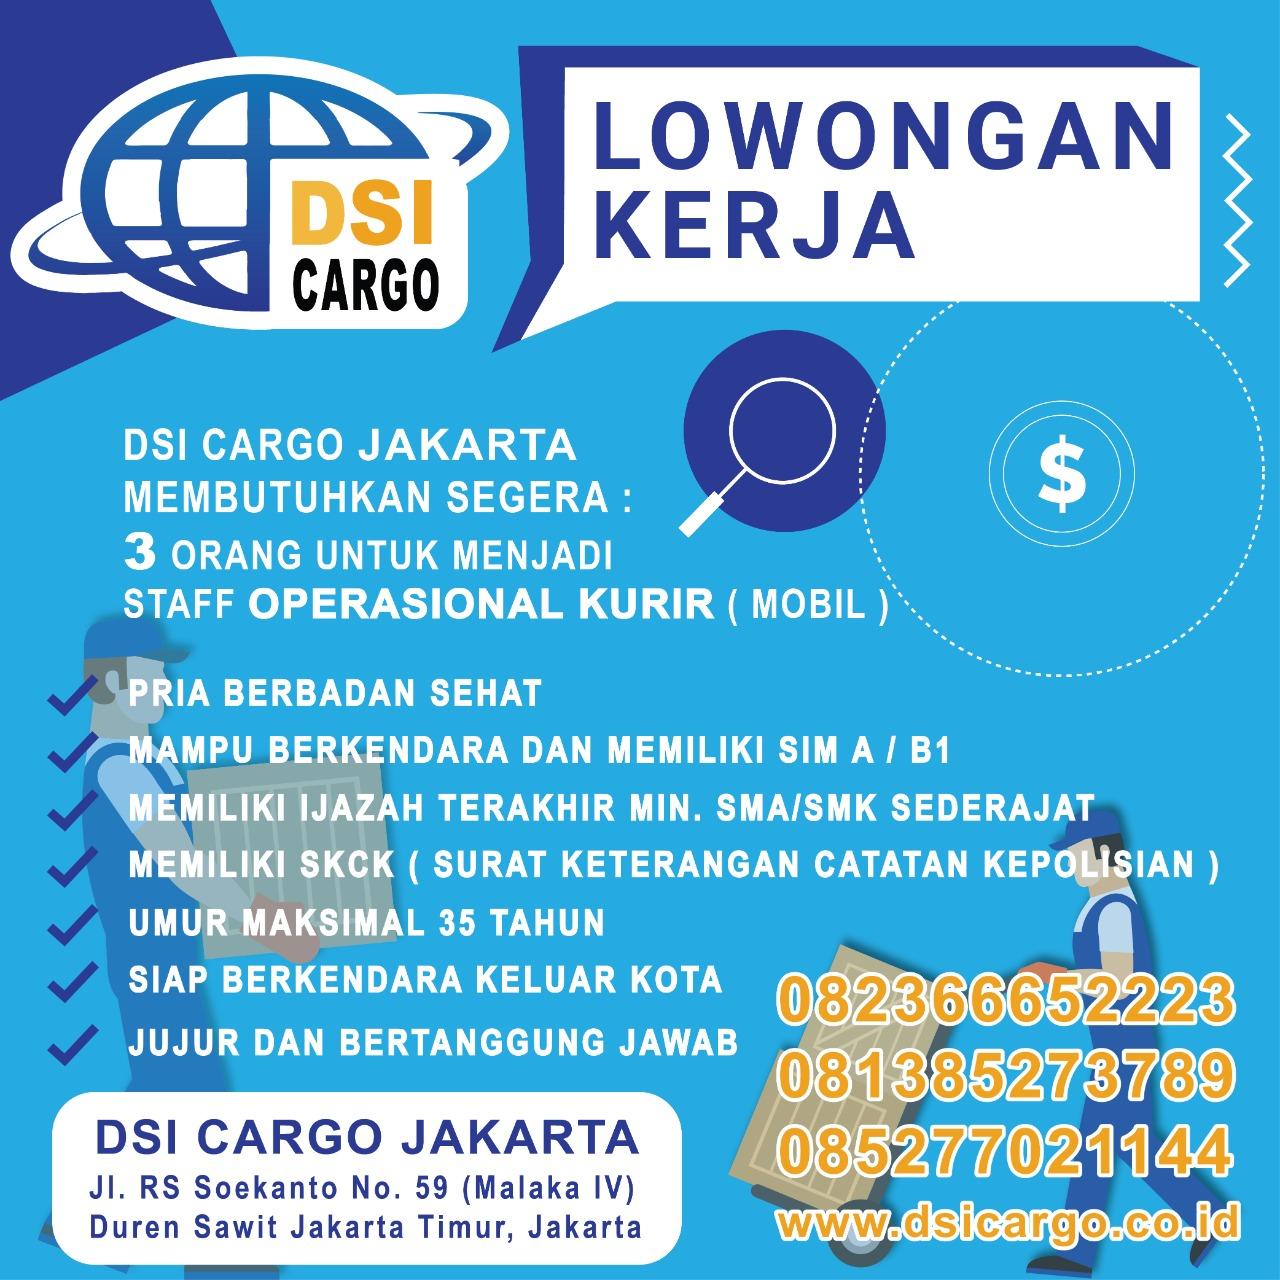 Lowongan Kerja Dsicargo Jakarta Terbaru Maret 2020 Duta Sarana Indocargo Dsi Cargo 082387139798 081375588388 Ekspedisi Pengangkutan Pengiriman Murah Cepat Dan Terjamin Untuk Layanan Kirim Medan Aceh Nias